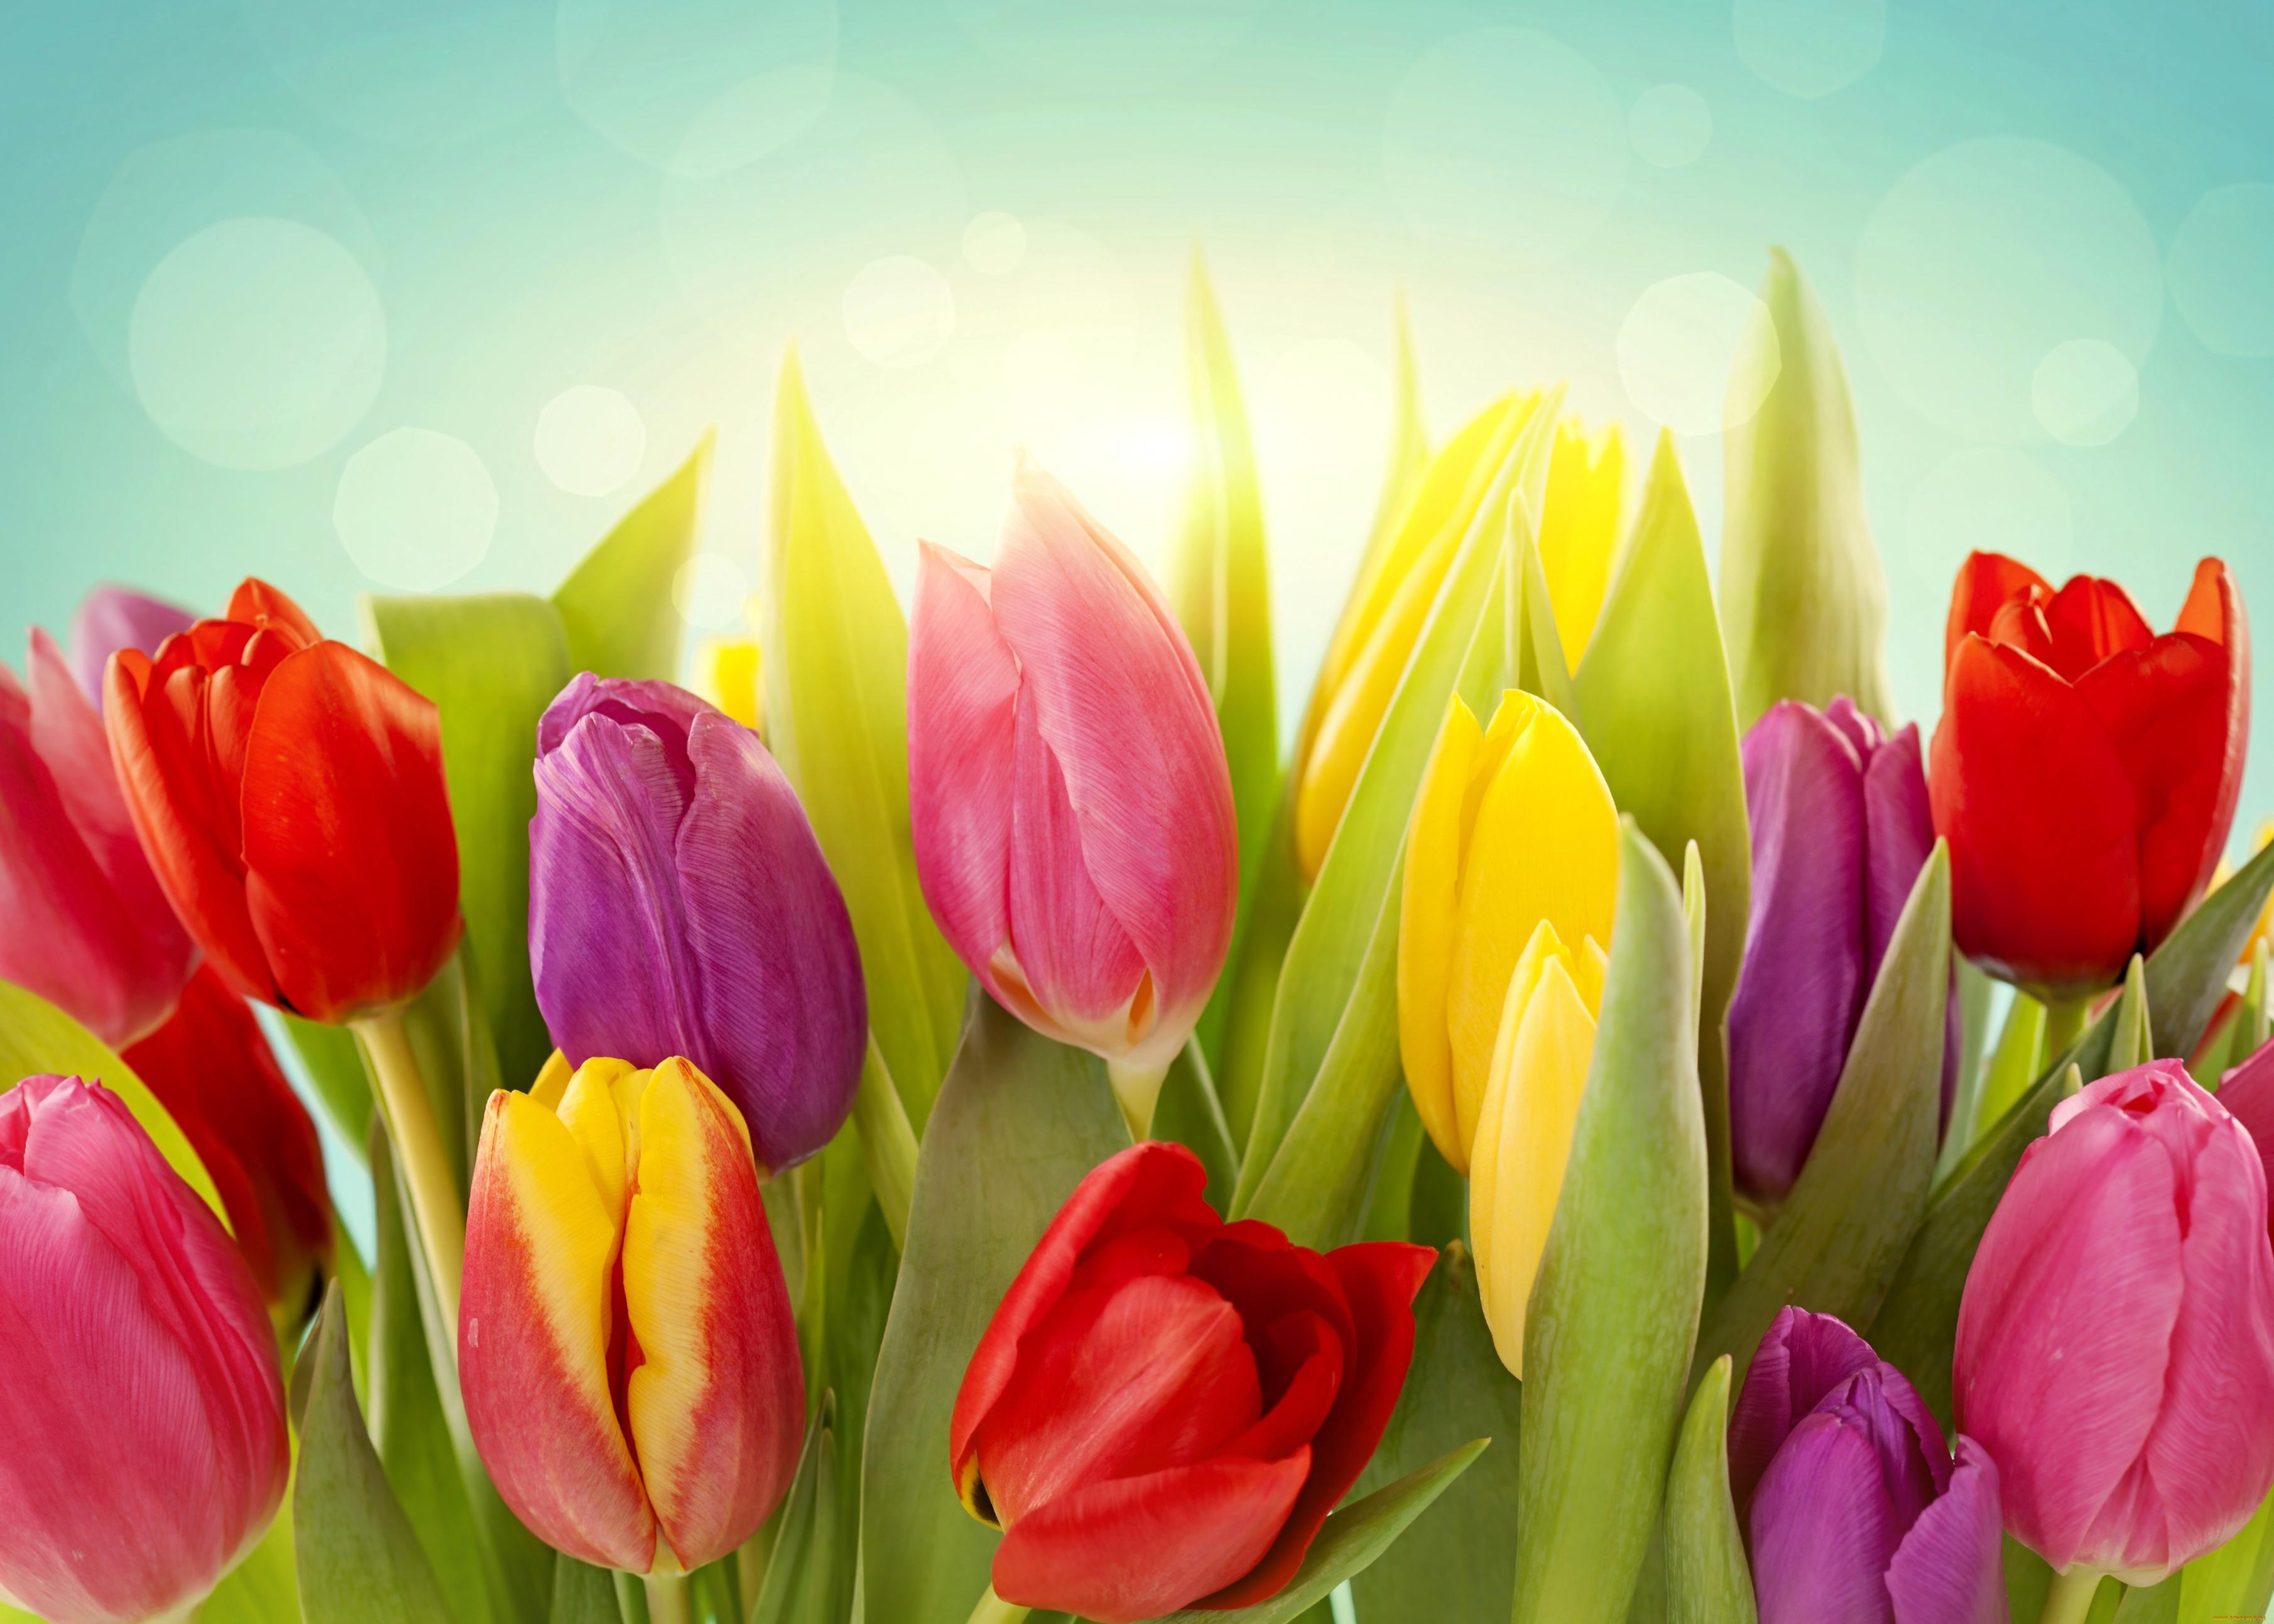 tulip-photo-81